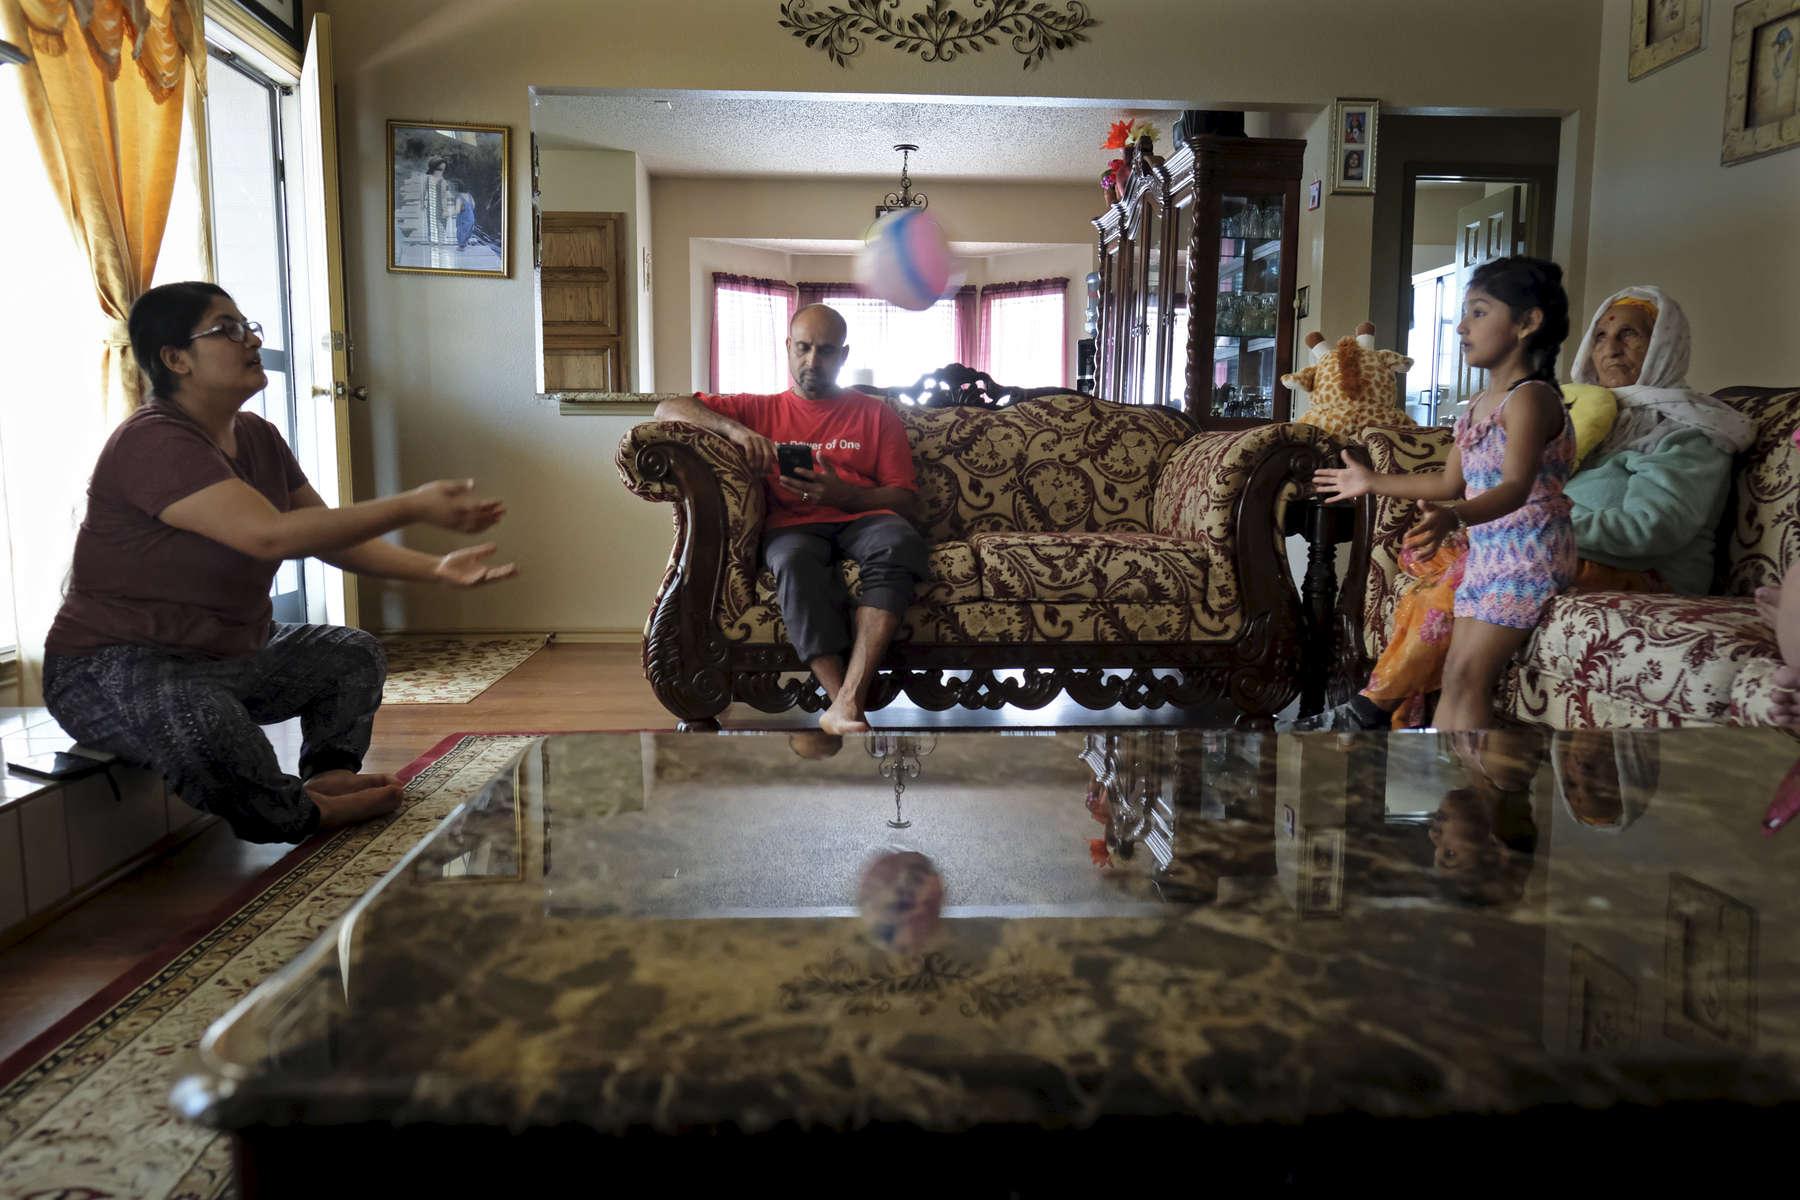 Aujourd'hui Rabi ne travaille pas, c'est rare. Il reste à la maison avec ses filles et sa mère. Watauga, Texas, Etats-Unis, 2018.